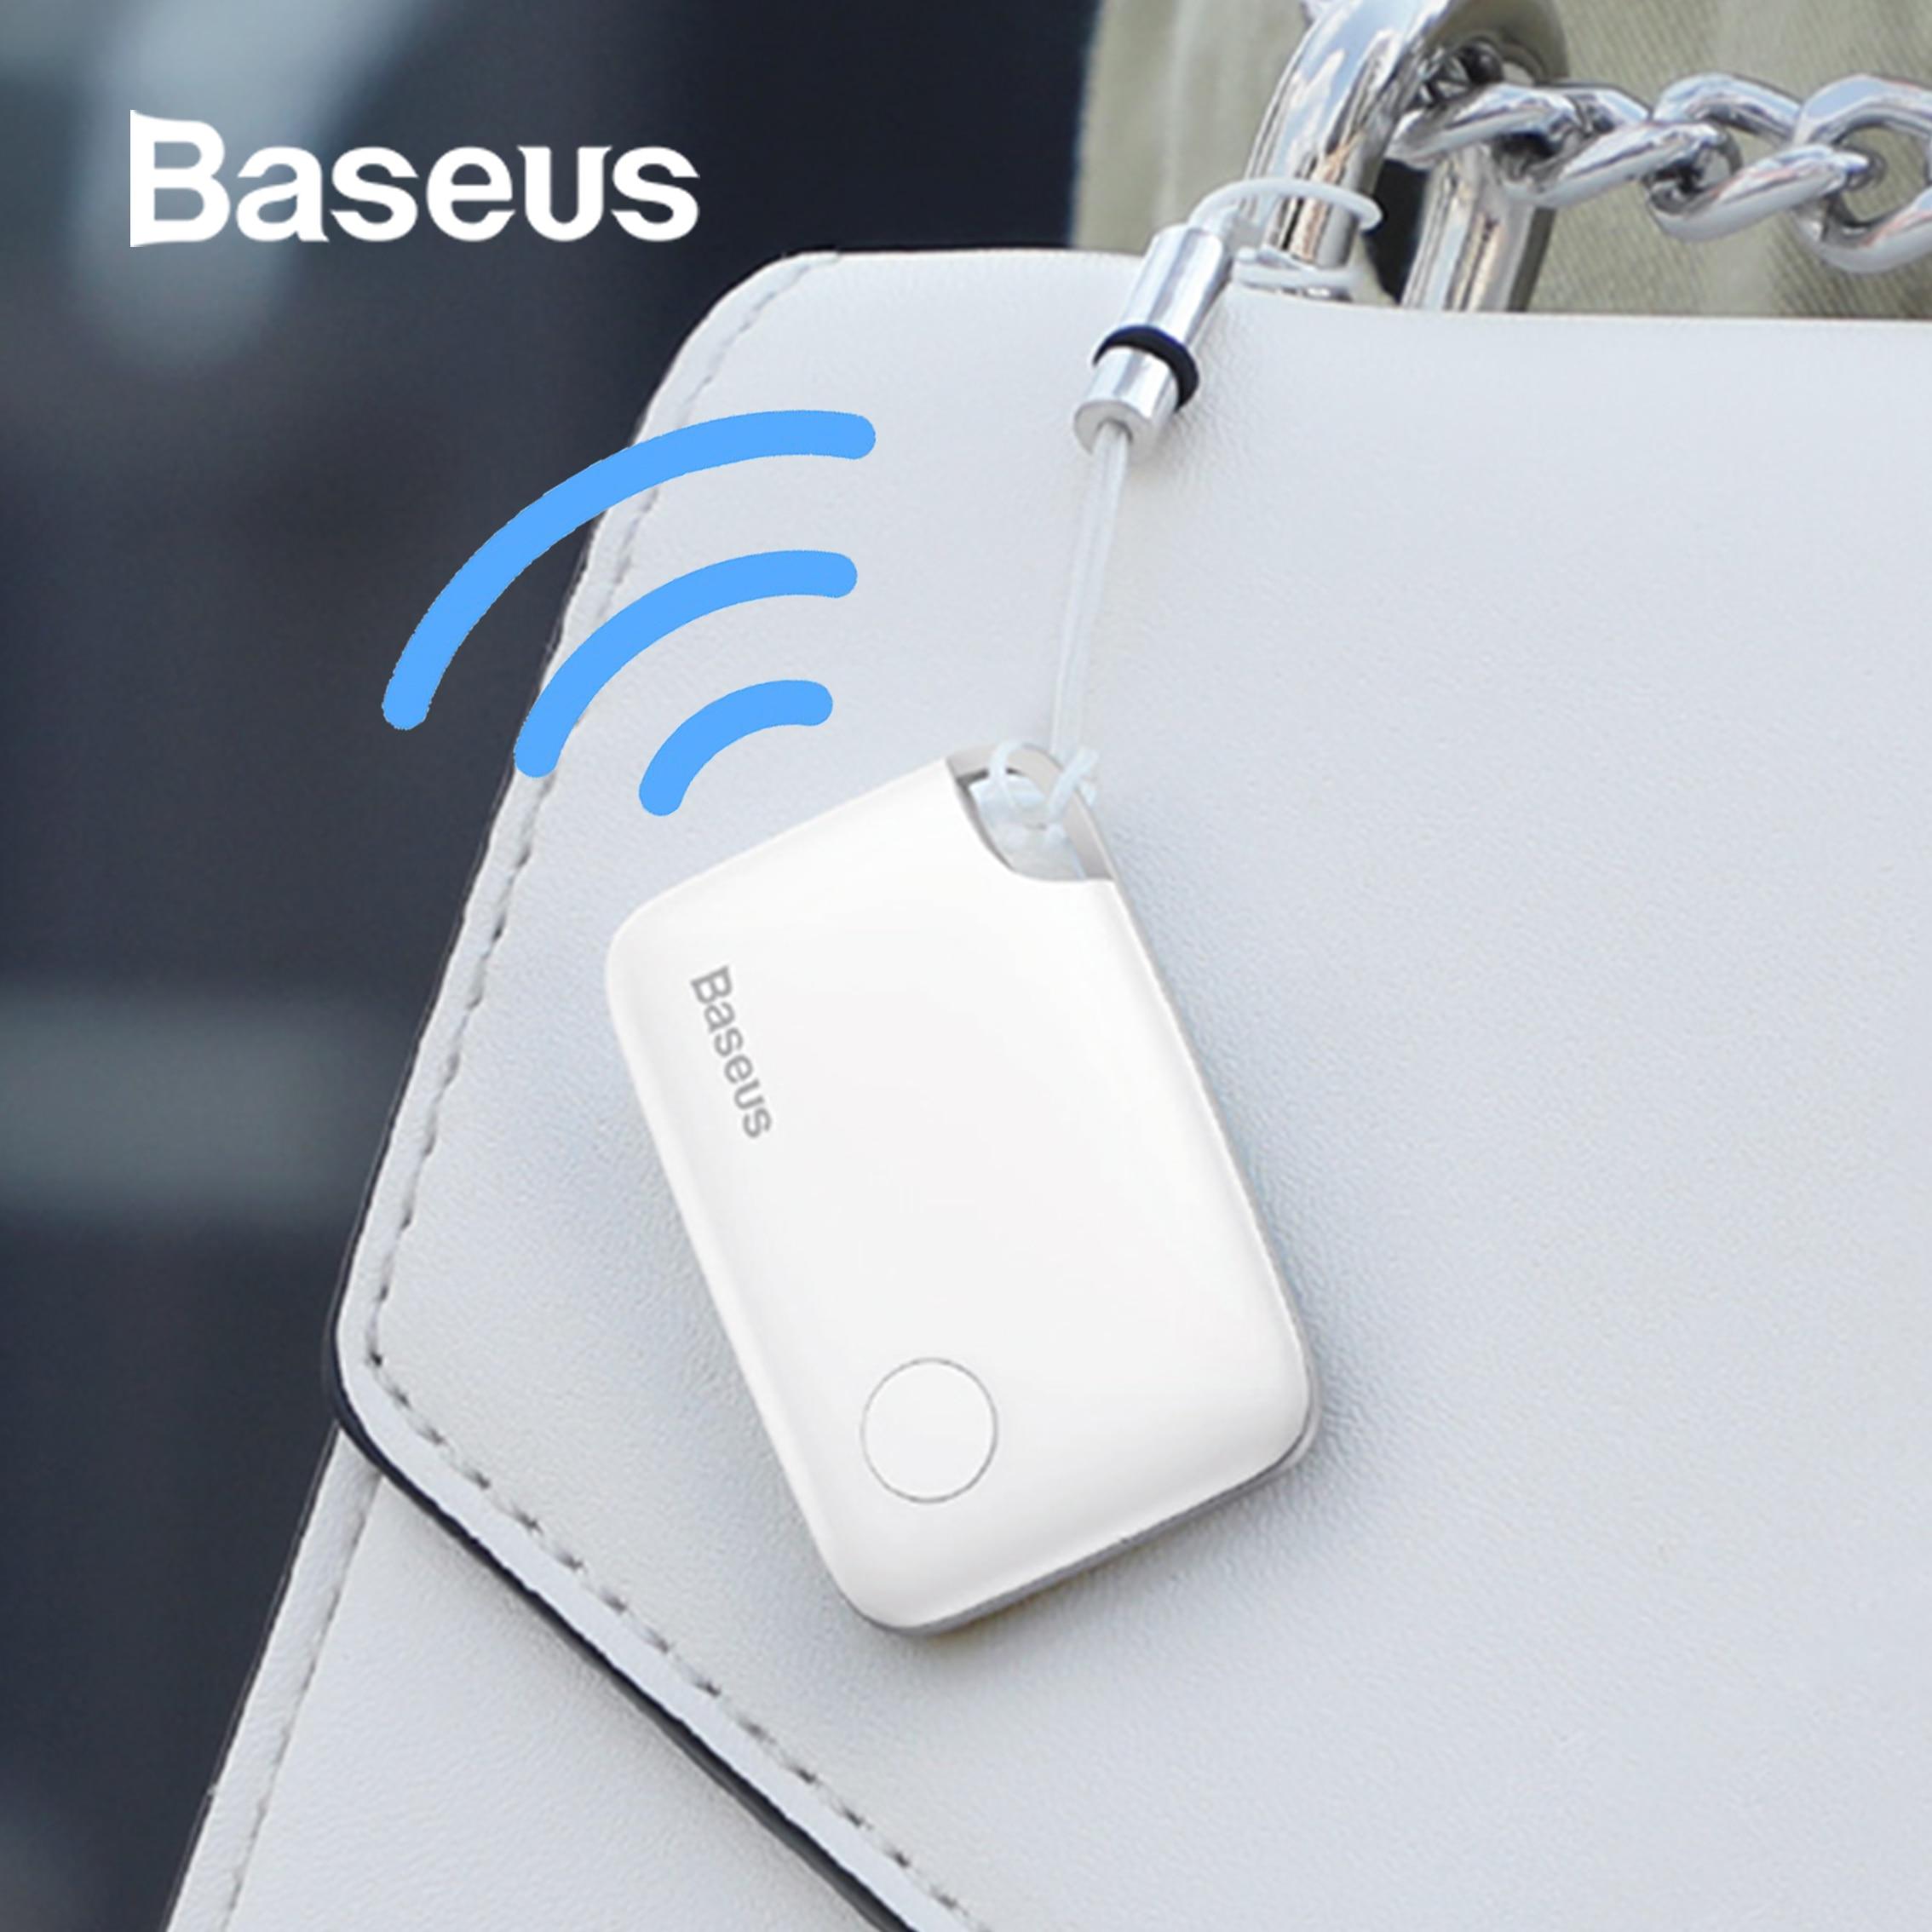 Baseus مكافحة خسر إنذار وحدة تعقب ذكية لاسلكية تعقب مفتاح مكتشف الطفل حقيبة المحفظة مكتشف لتحديد المواقع بلوتوث مكافحة خسر إنذار